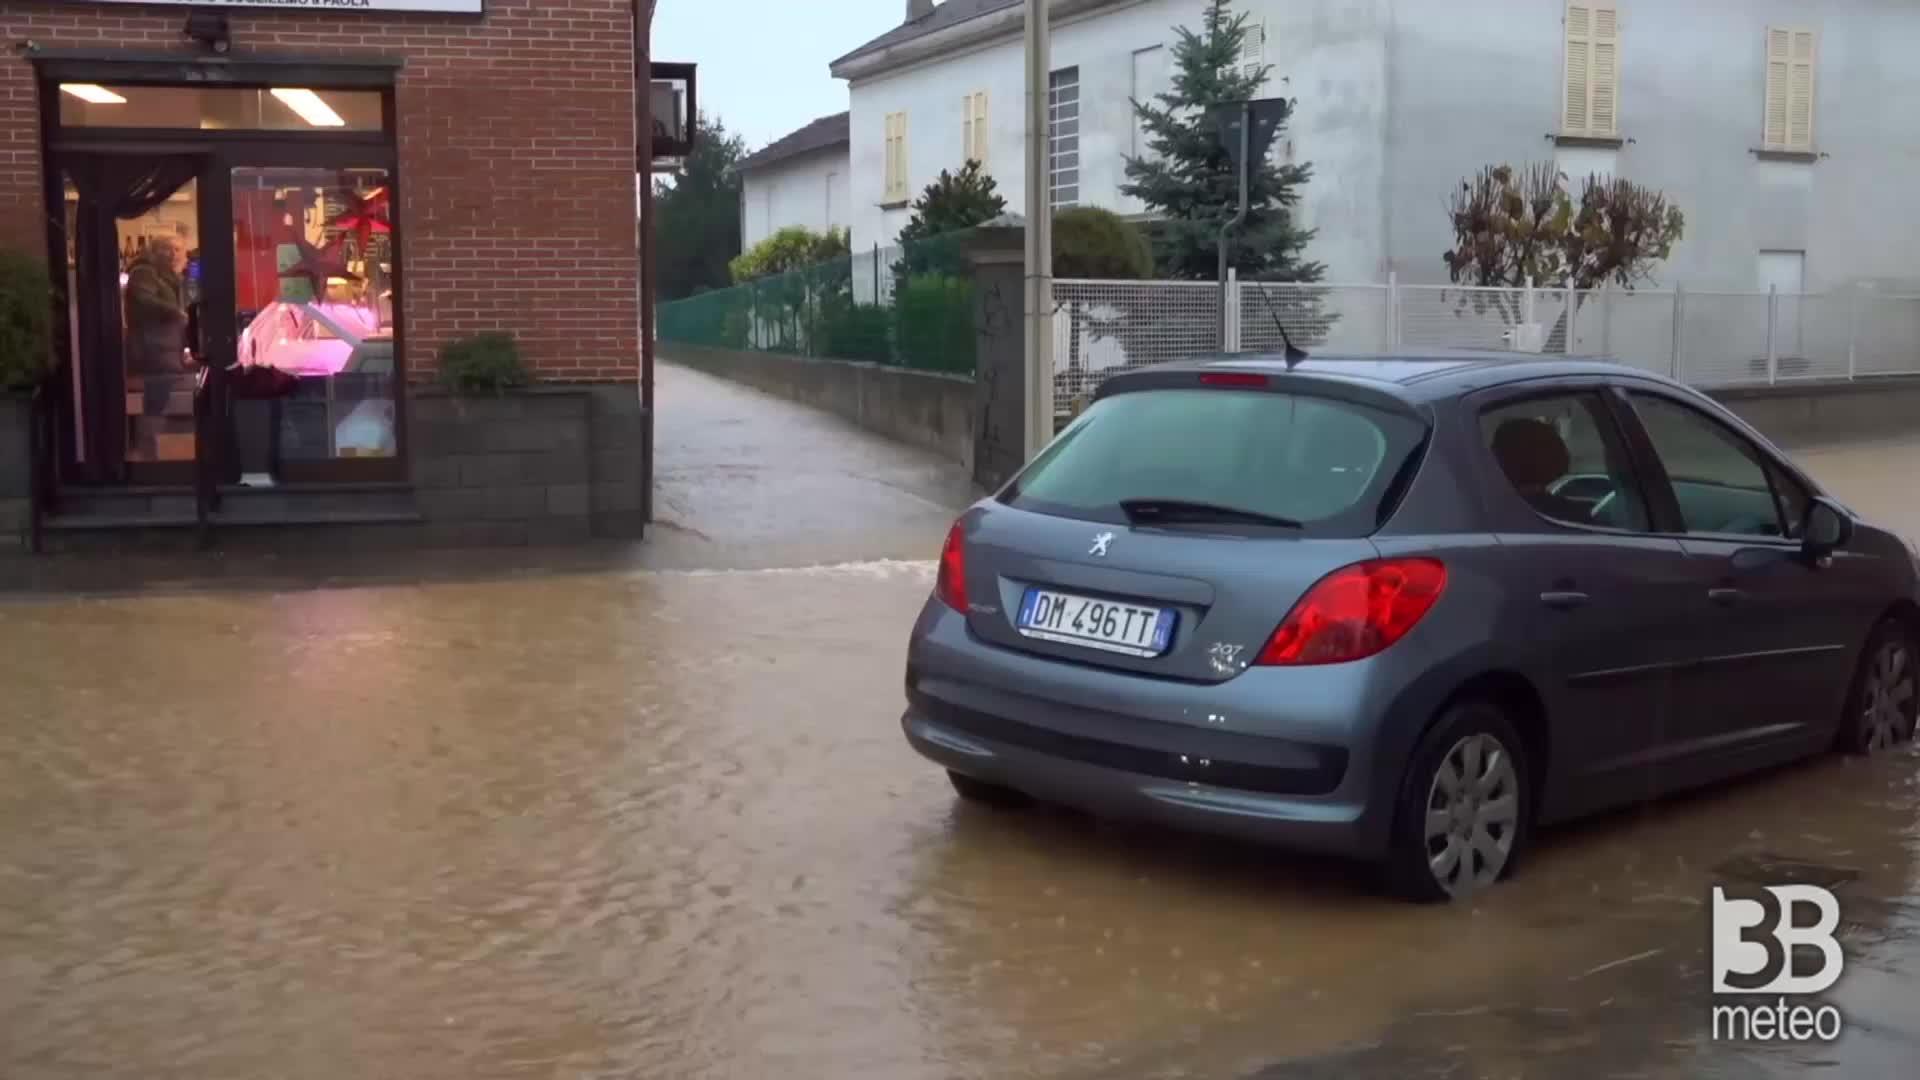 CRONACA MALTEMPO DIRETTA PIEMONTE rischio alluvione, allagamenti in provincia di Alessandria.